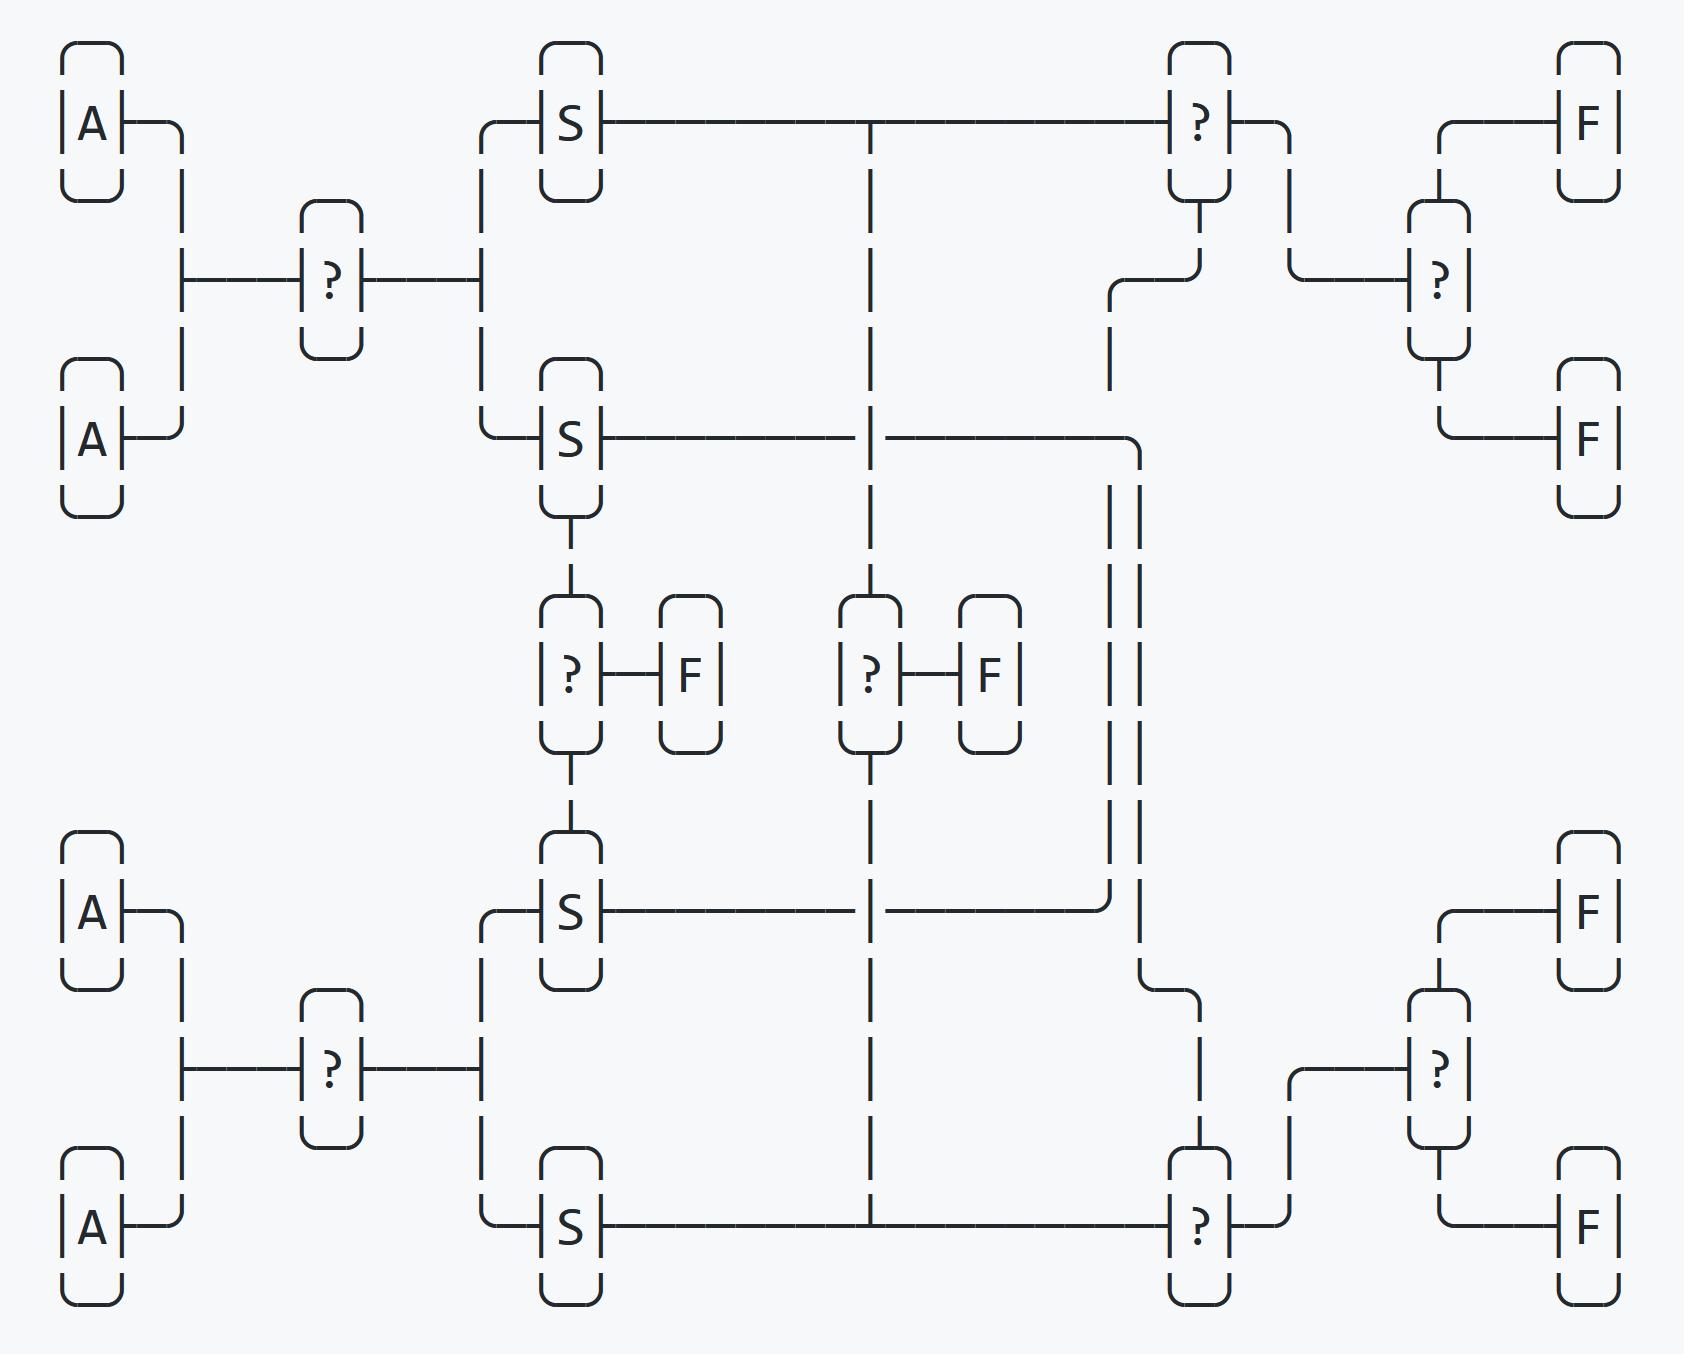 Почему быстрая сортировка на самом деле медленная? новый метод сортировки массива